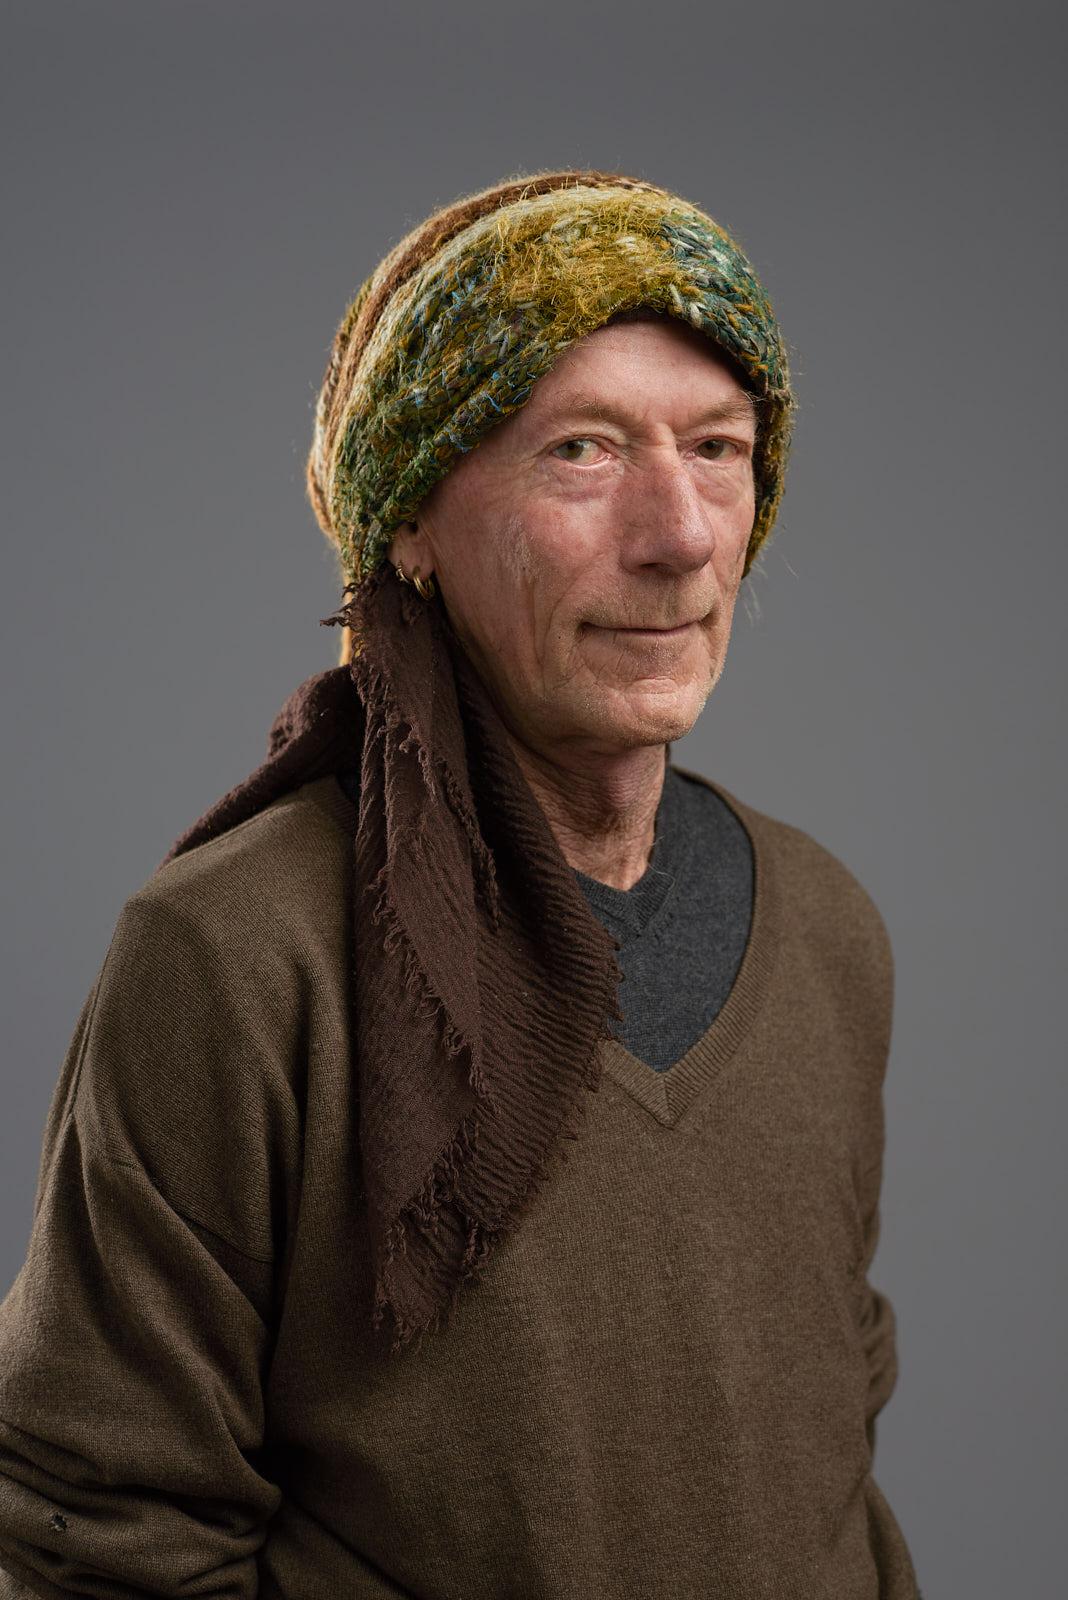 Bernie: Snake Catcher, Opal Mining, Gardener, Artist, Musician.